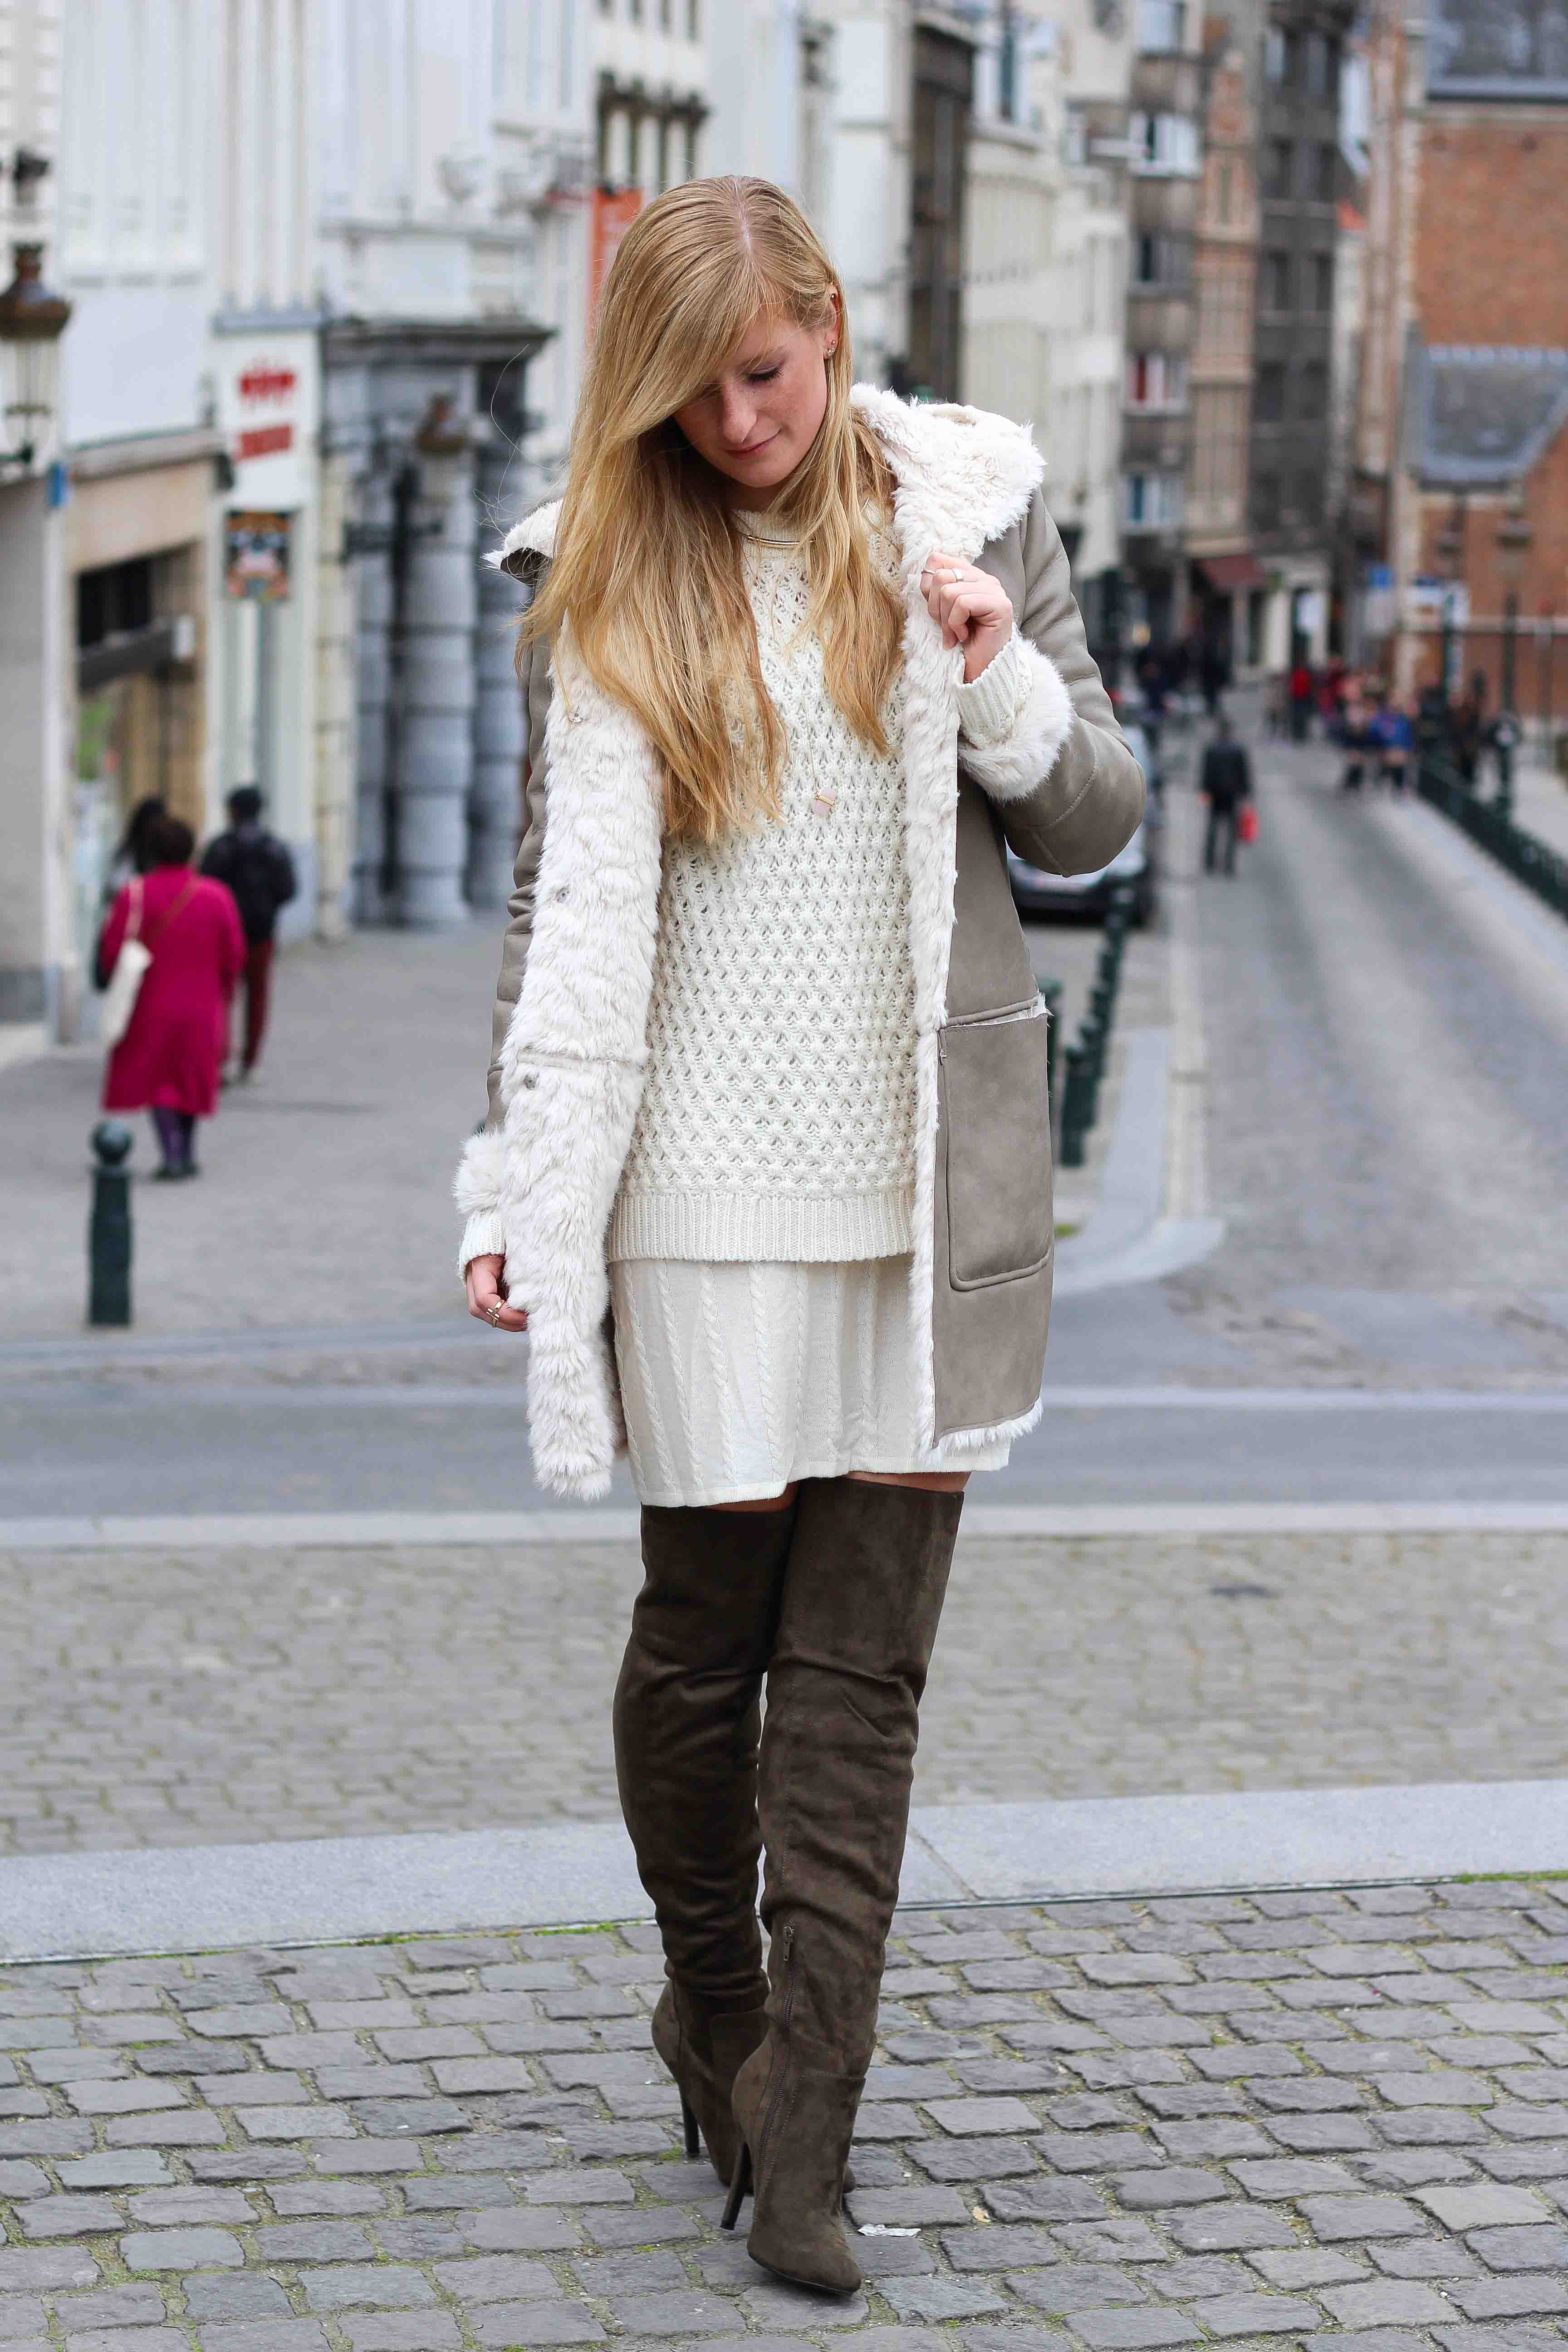 Grüne Overknees Zara Ledermantel Overknee Stiefel Nude Wollkleid Fashion Look Modeblog 93